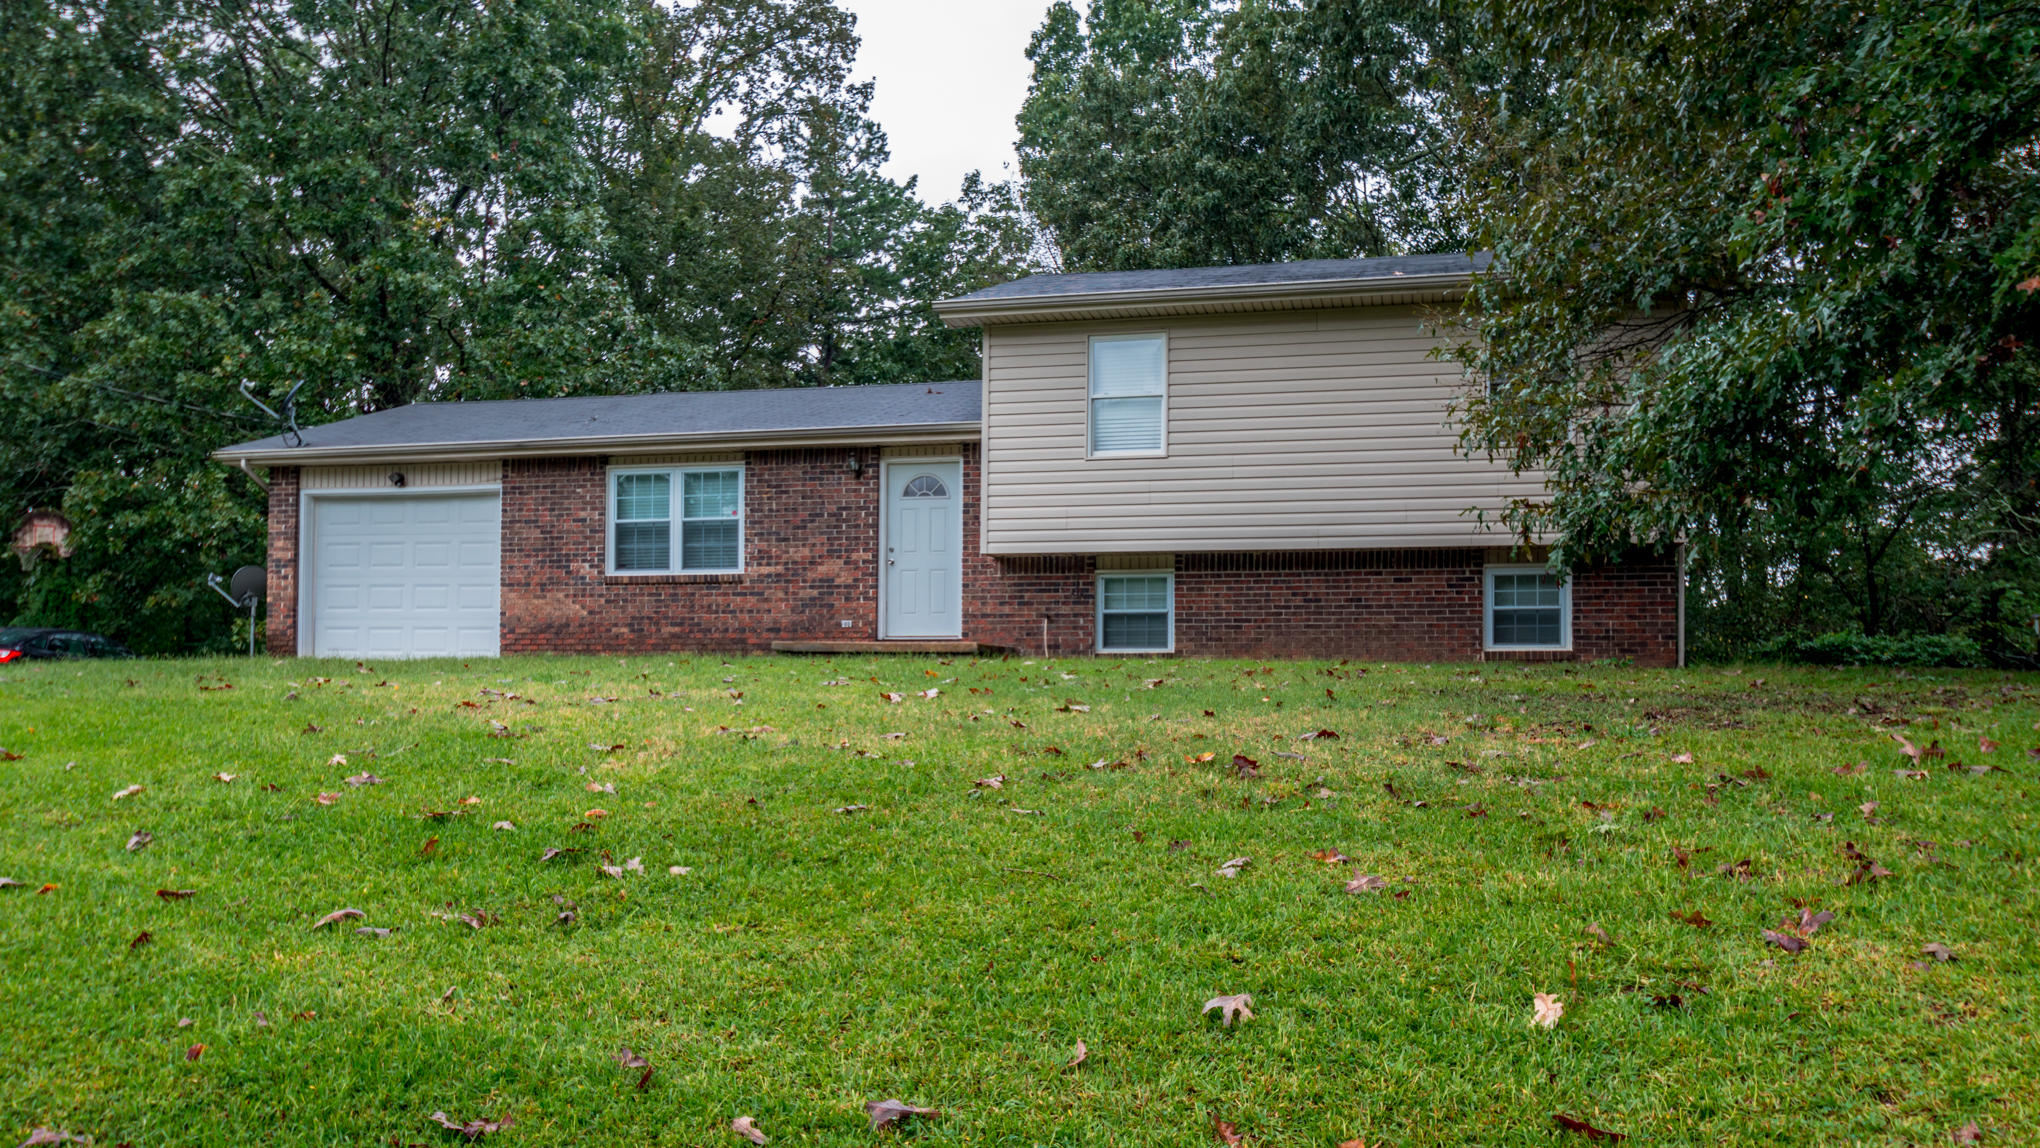 4207 Shady Oak Dr, Ooltewah, TN 37363